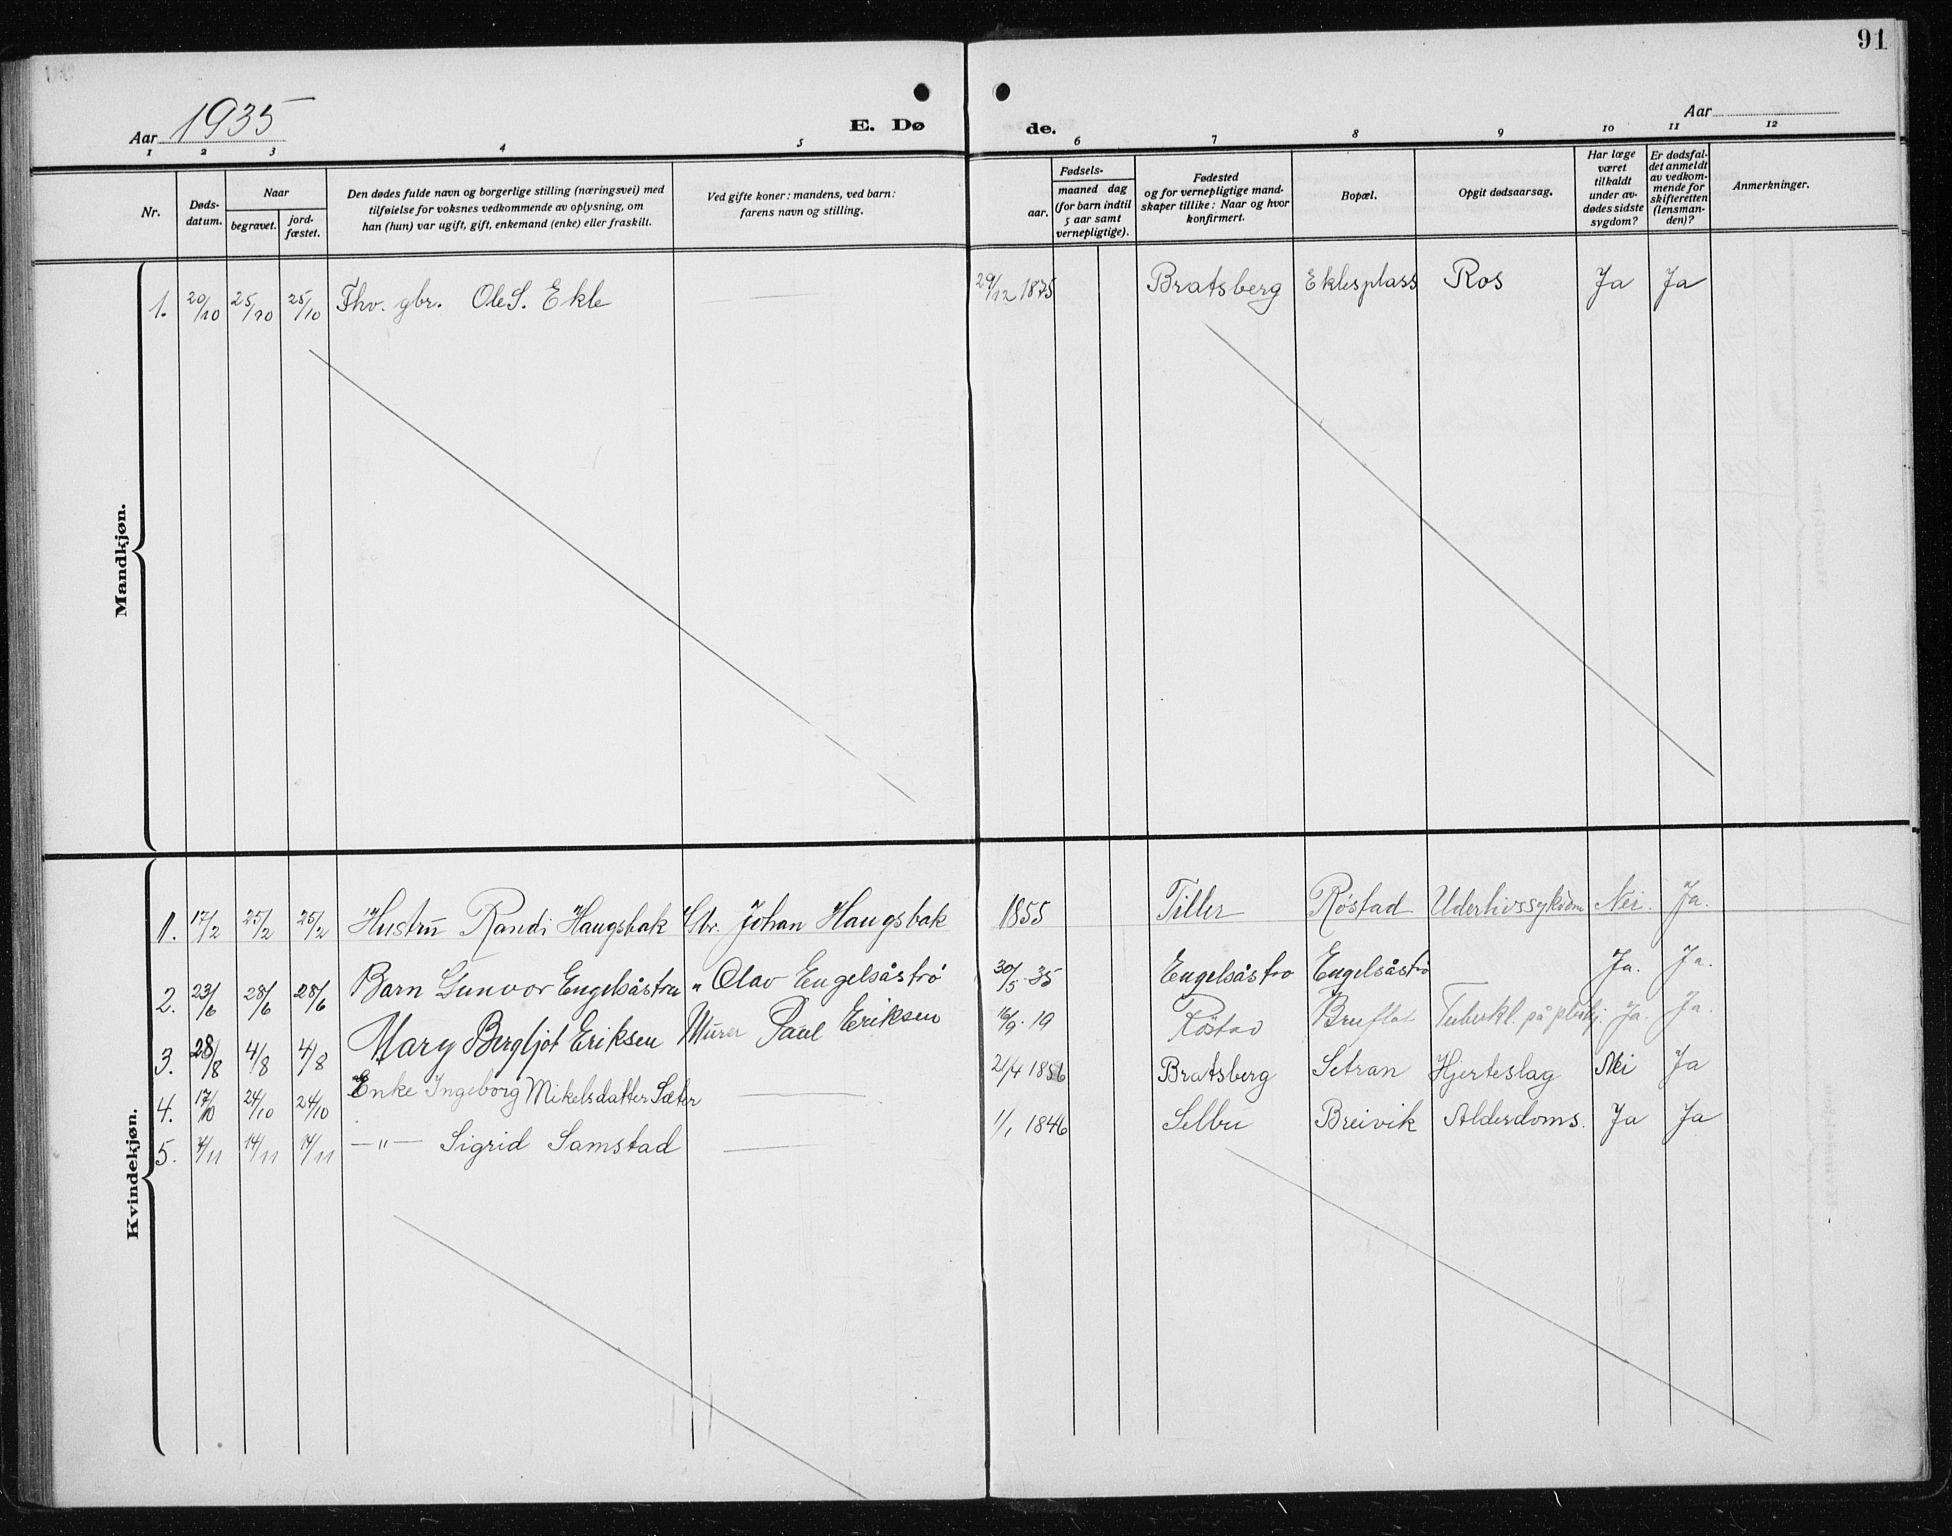 SAT, Ministerialprotokoller, klokkerbøker og fødselsregistre - Sør-Trøndelag, 608/L0342: Klokkerbok nr. 608C08, 1912-1938, s. 91